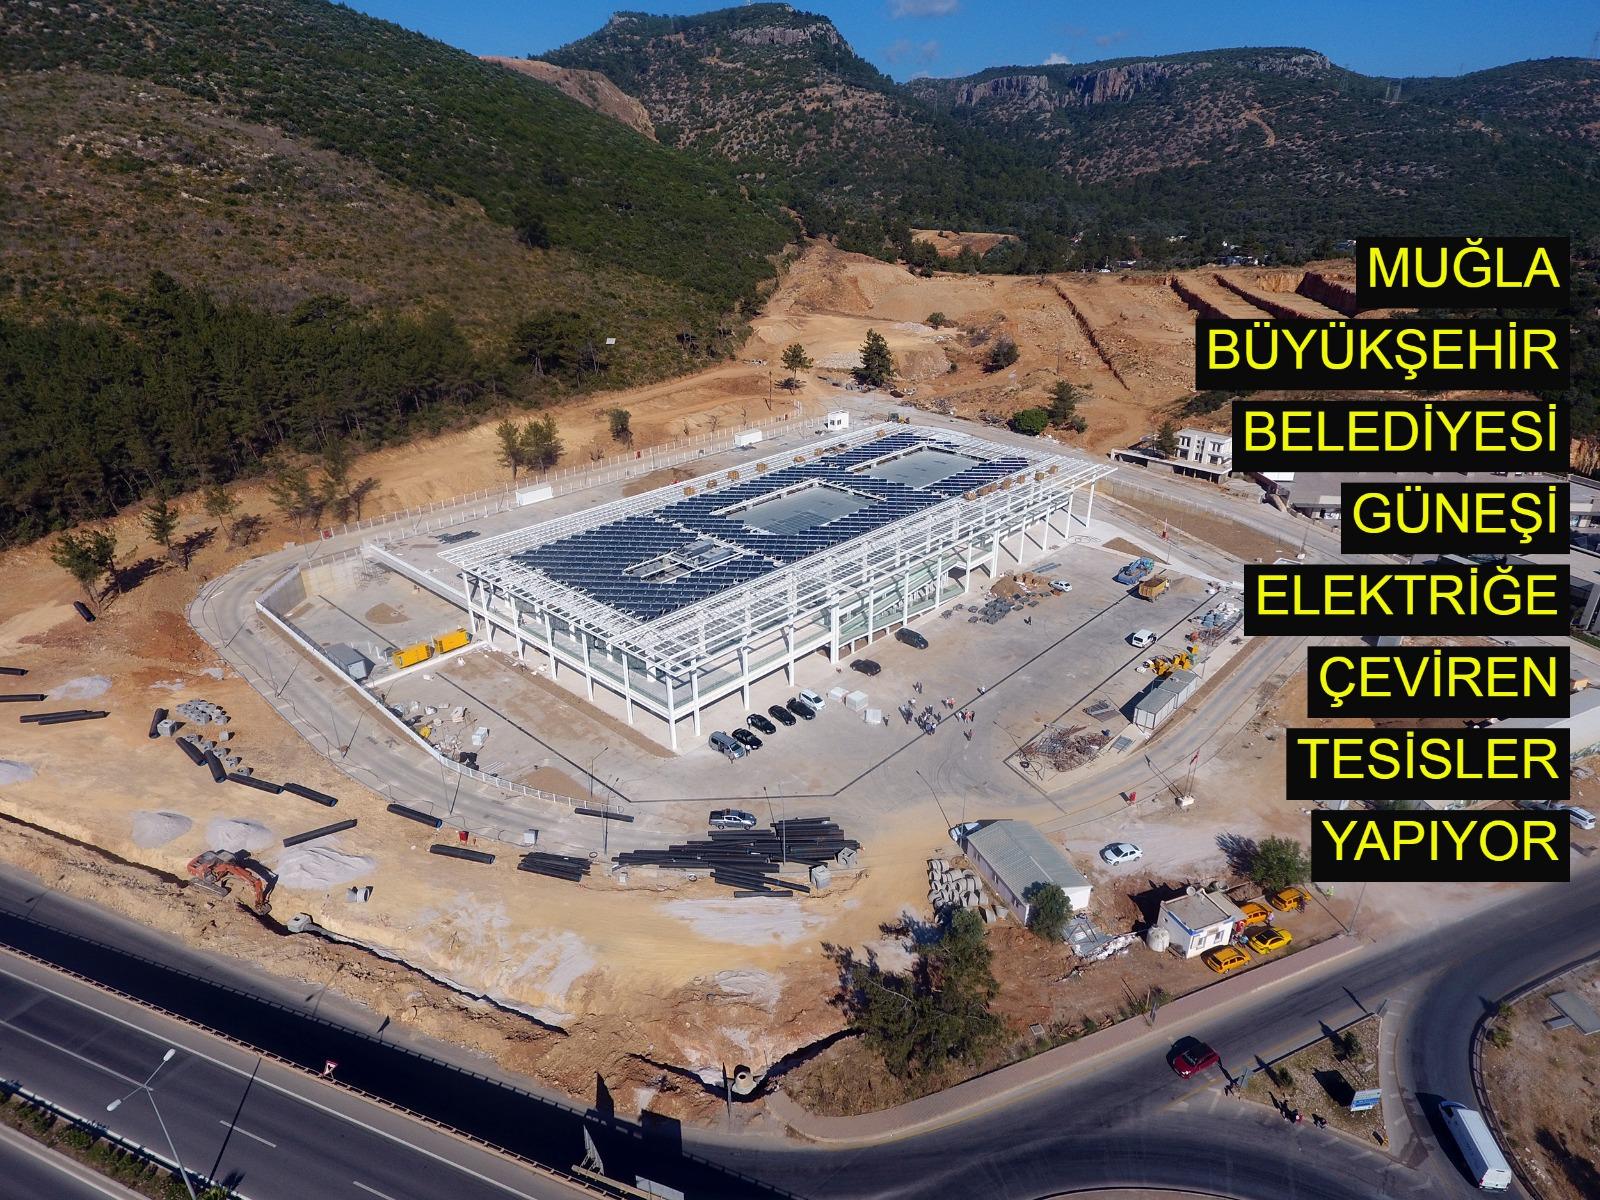 Muğla Büyükşehir Belediyesi güneşi elektriğe çeviren tesisler yapıyor